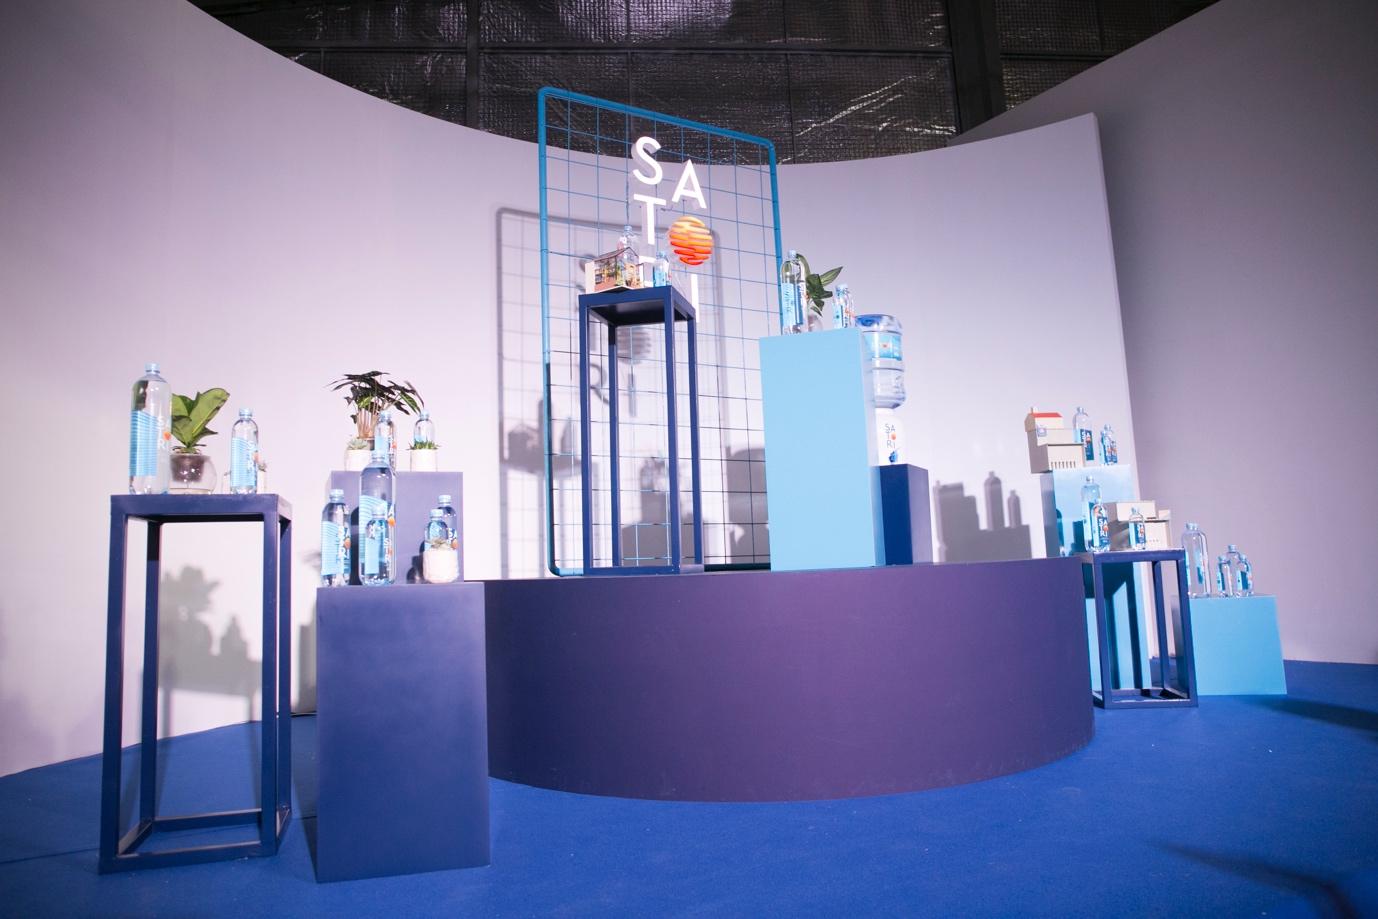 Satori chính thức ra mắt nước uống đóng chai với công nghệ hoàn lưu khoáng sRO tiên phong tại Việt Nam - Ảnh 5.